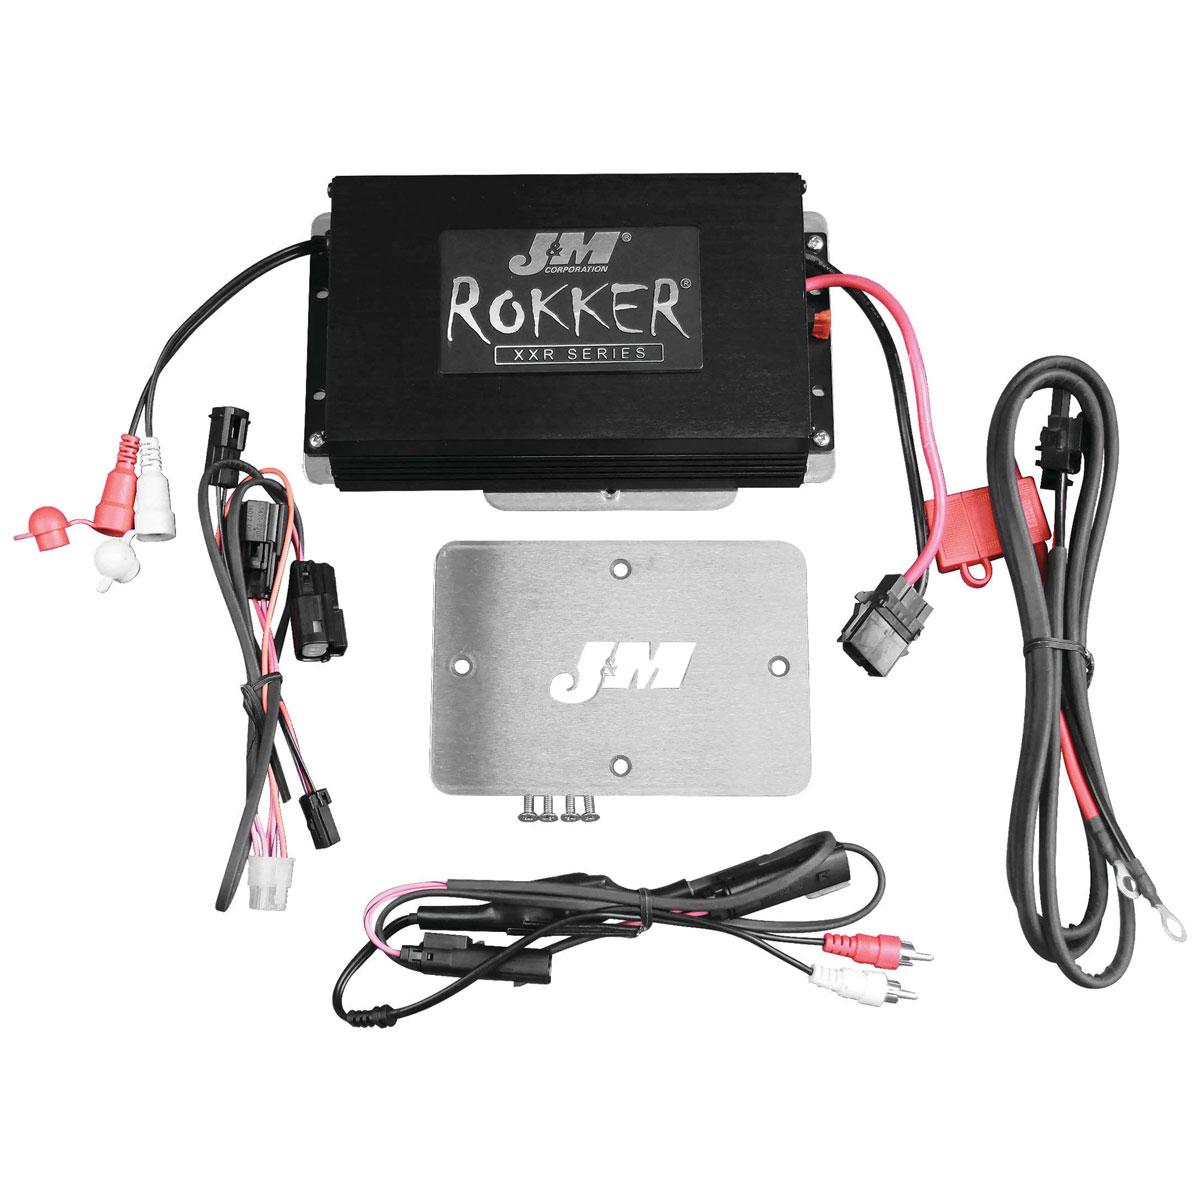 J&M Rokker XXR 350W Amplifier Kit